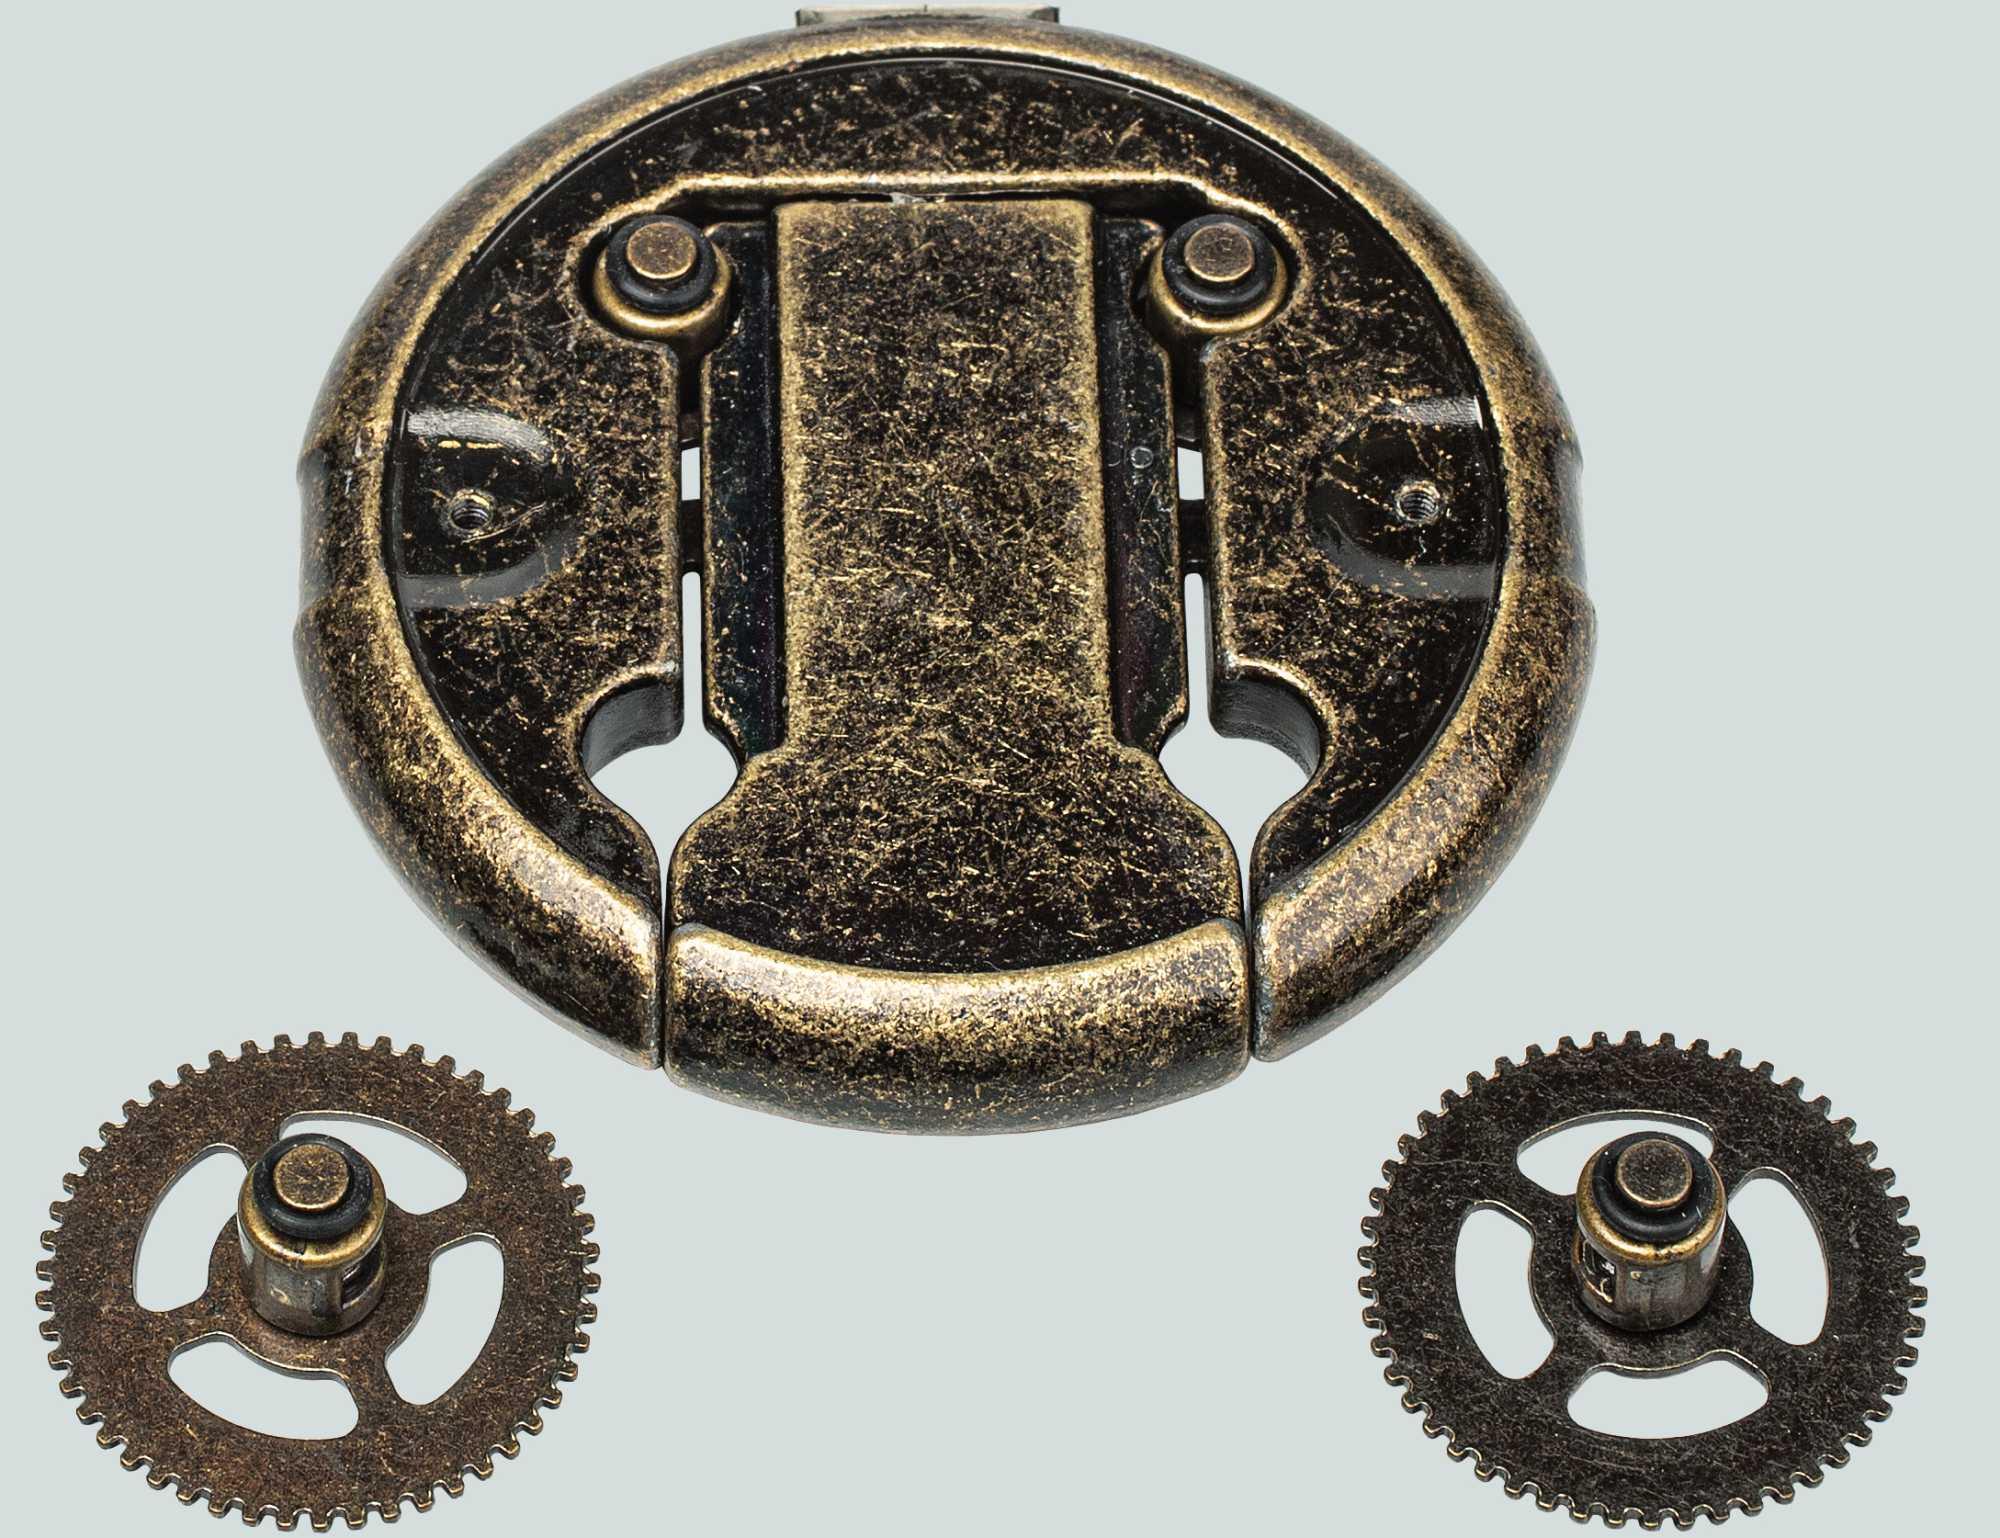 USB-Sticks im Steampunk-Design